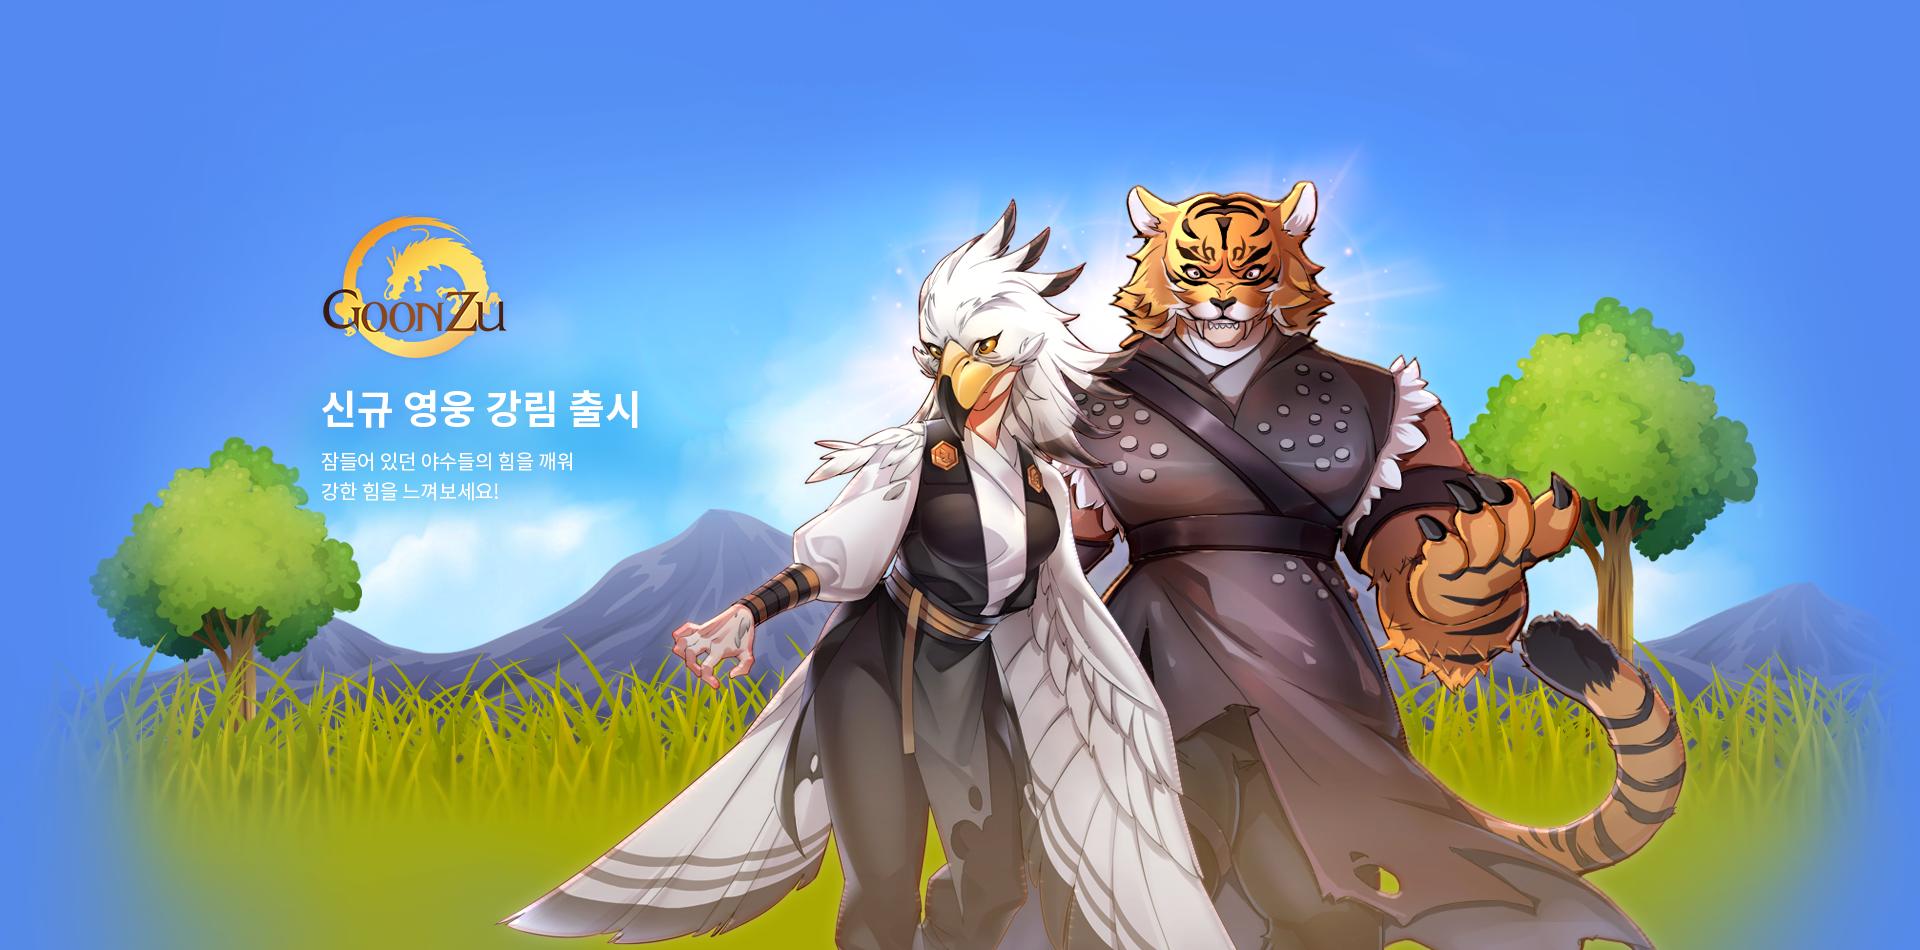 군주온라인 신규 영웅 강림 출시!